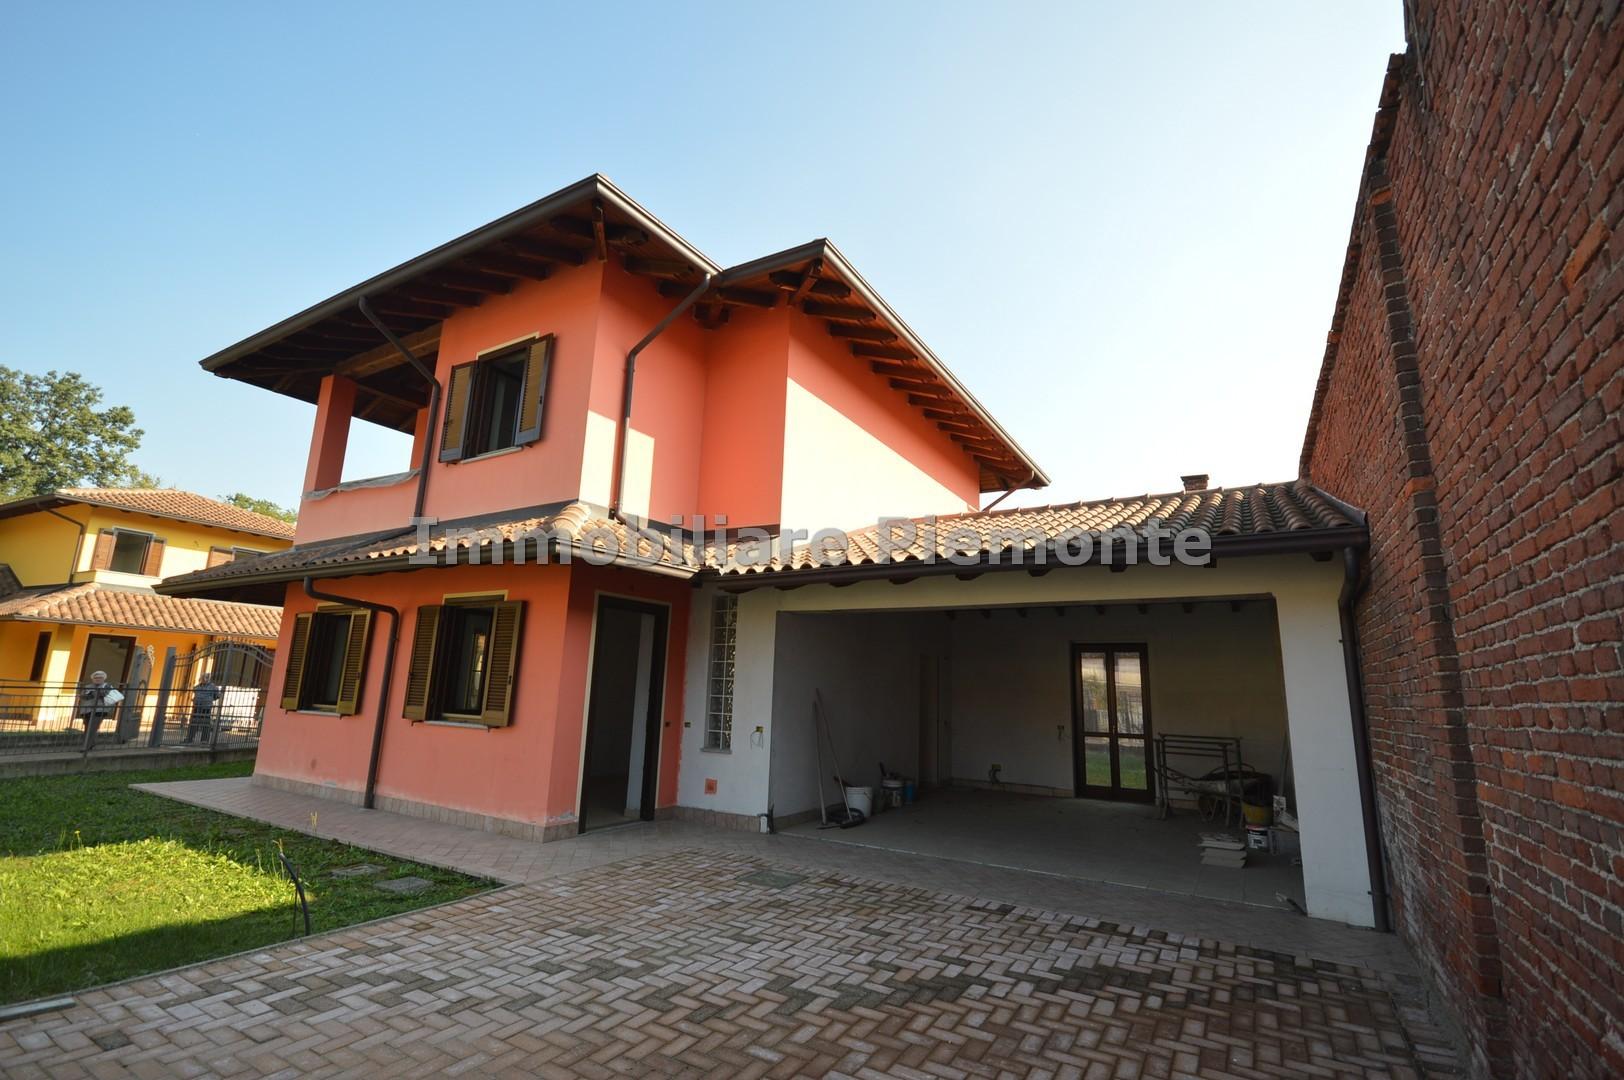 Villa in vendita cressa annunci vendita e affitto case for Negozi arredamento piemonte